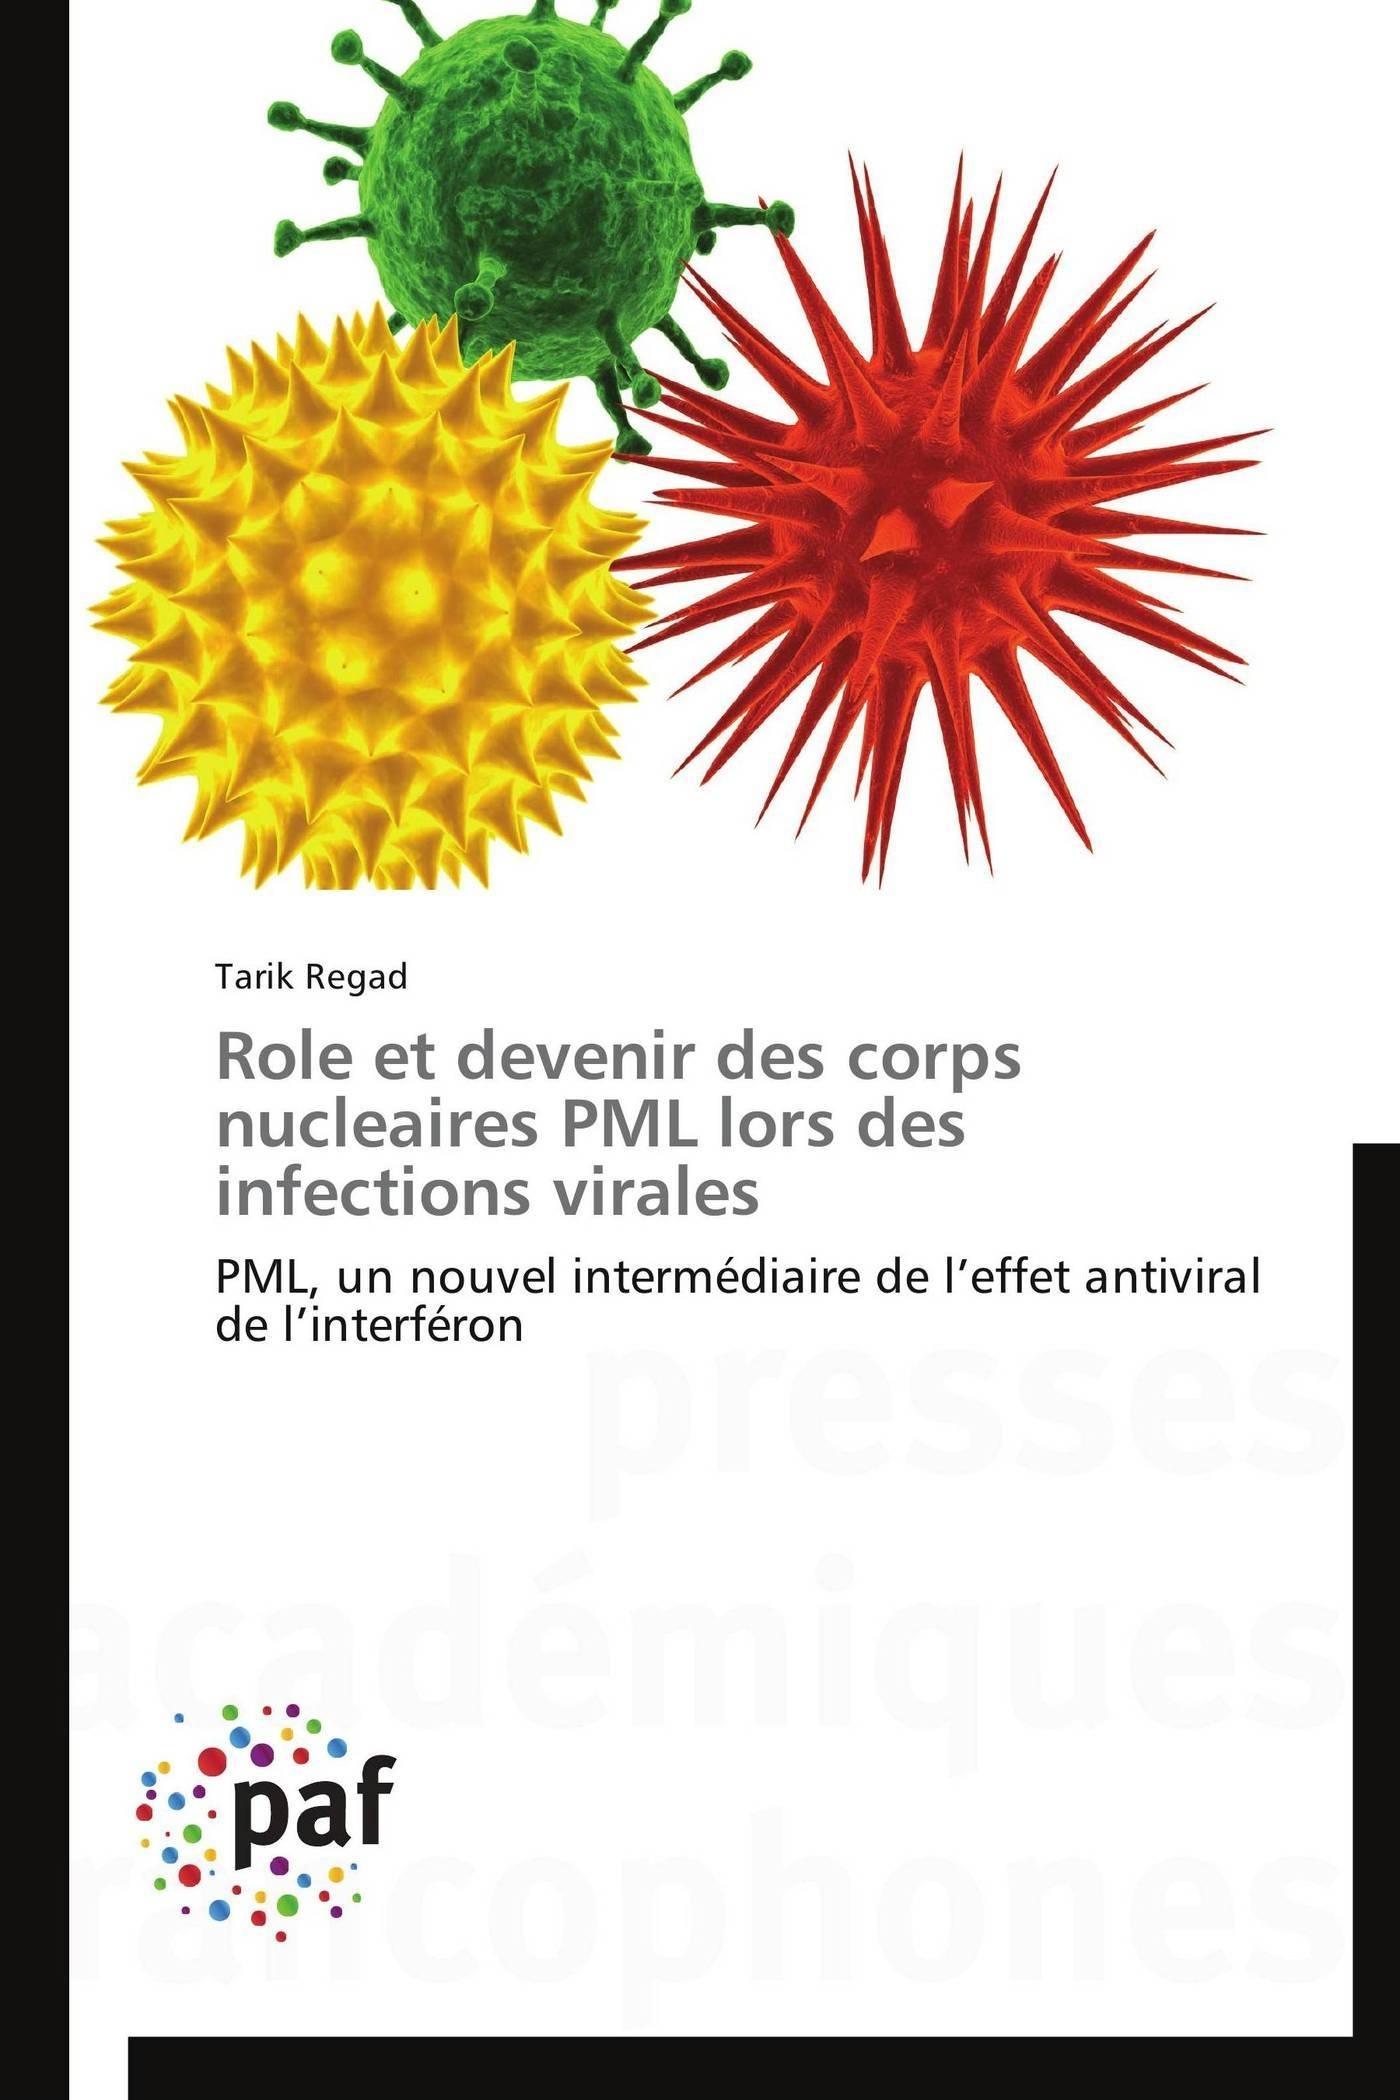 ROLE ET DEVENIR DES CORPS NUCLEAIRES PML LORS DES INFECTIONS VIRALES